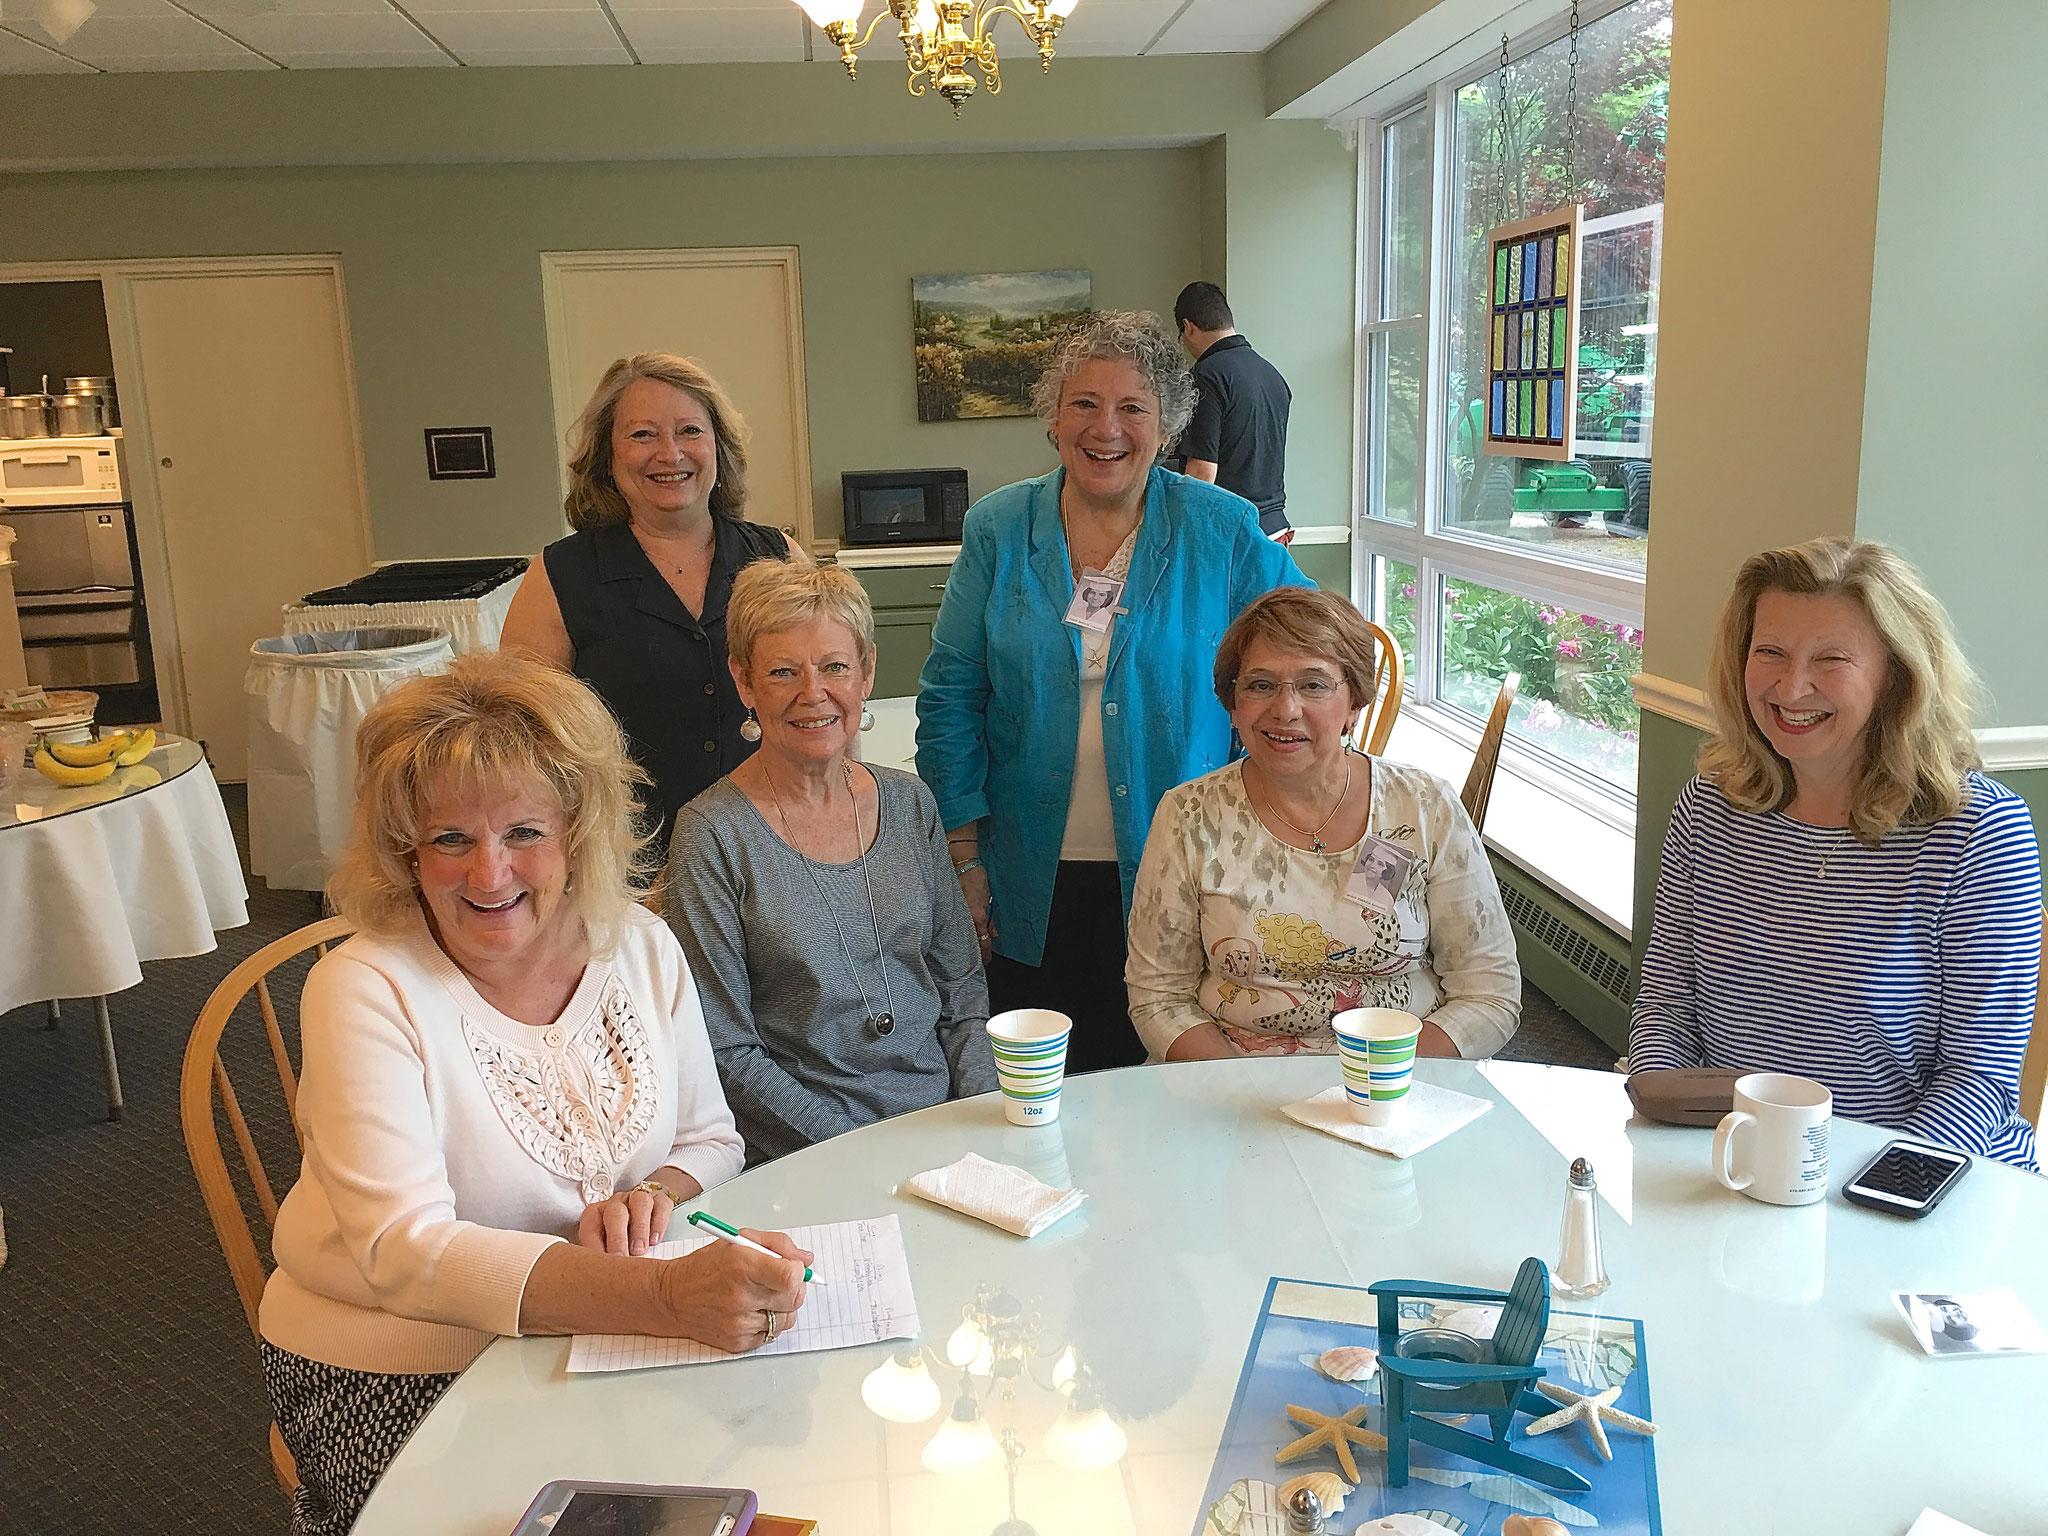 Susie Schall Z., Kathy, Janelle, Sue, Maria, Pat